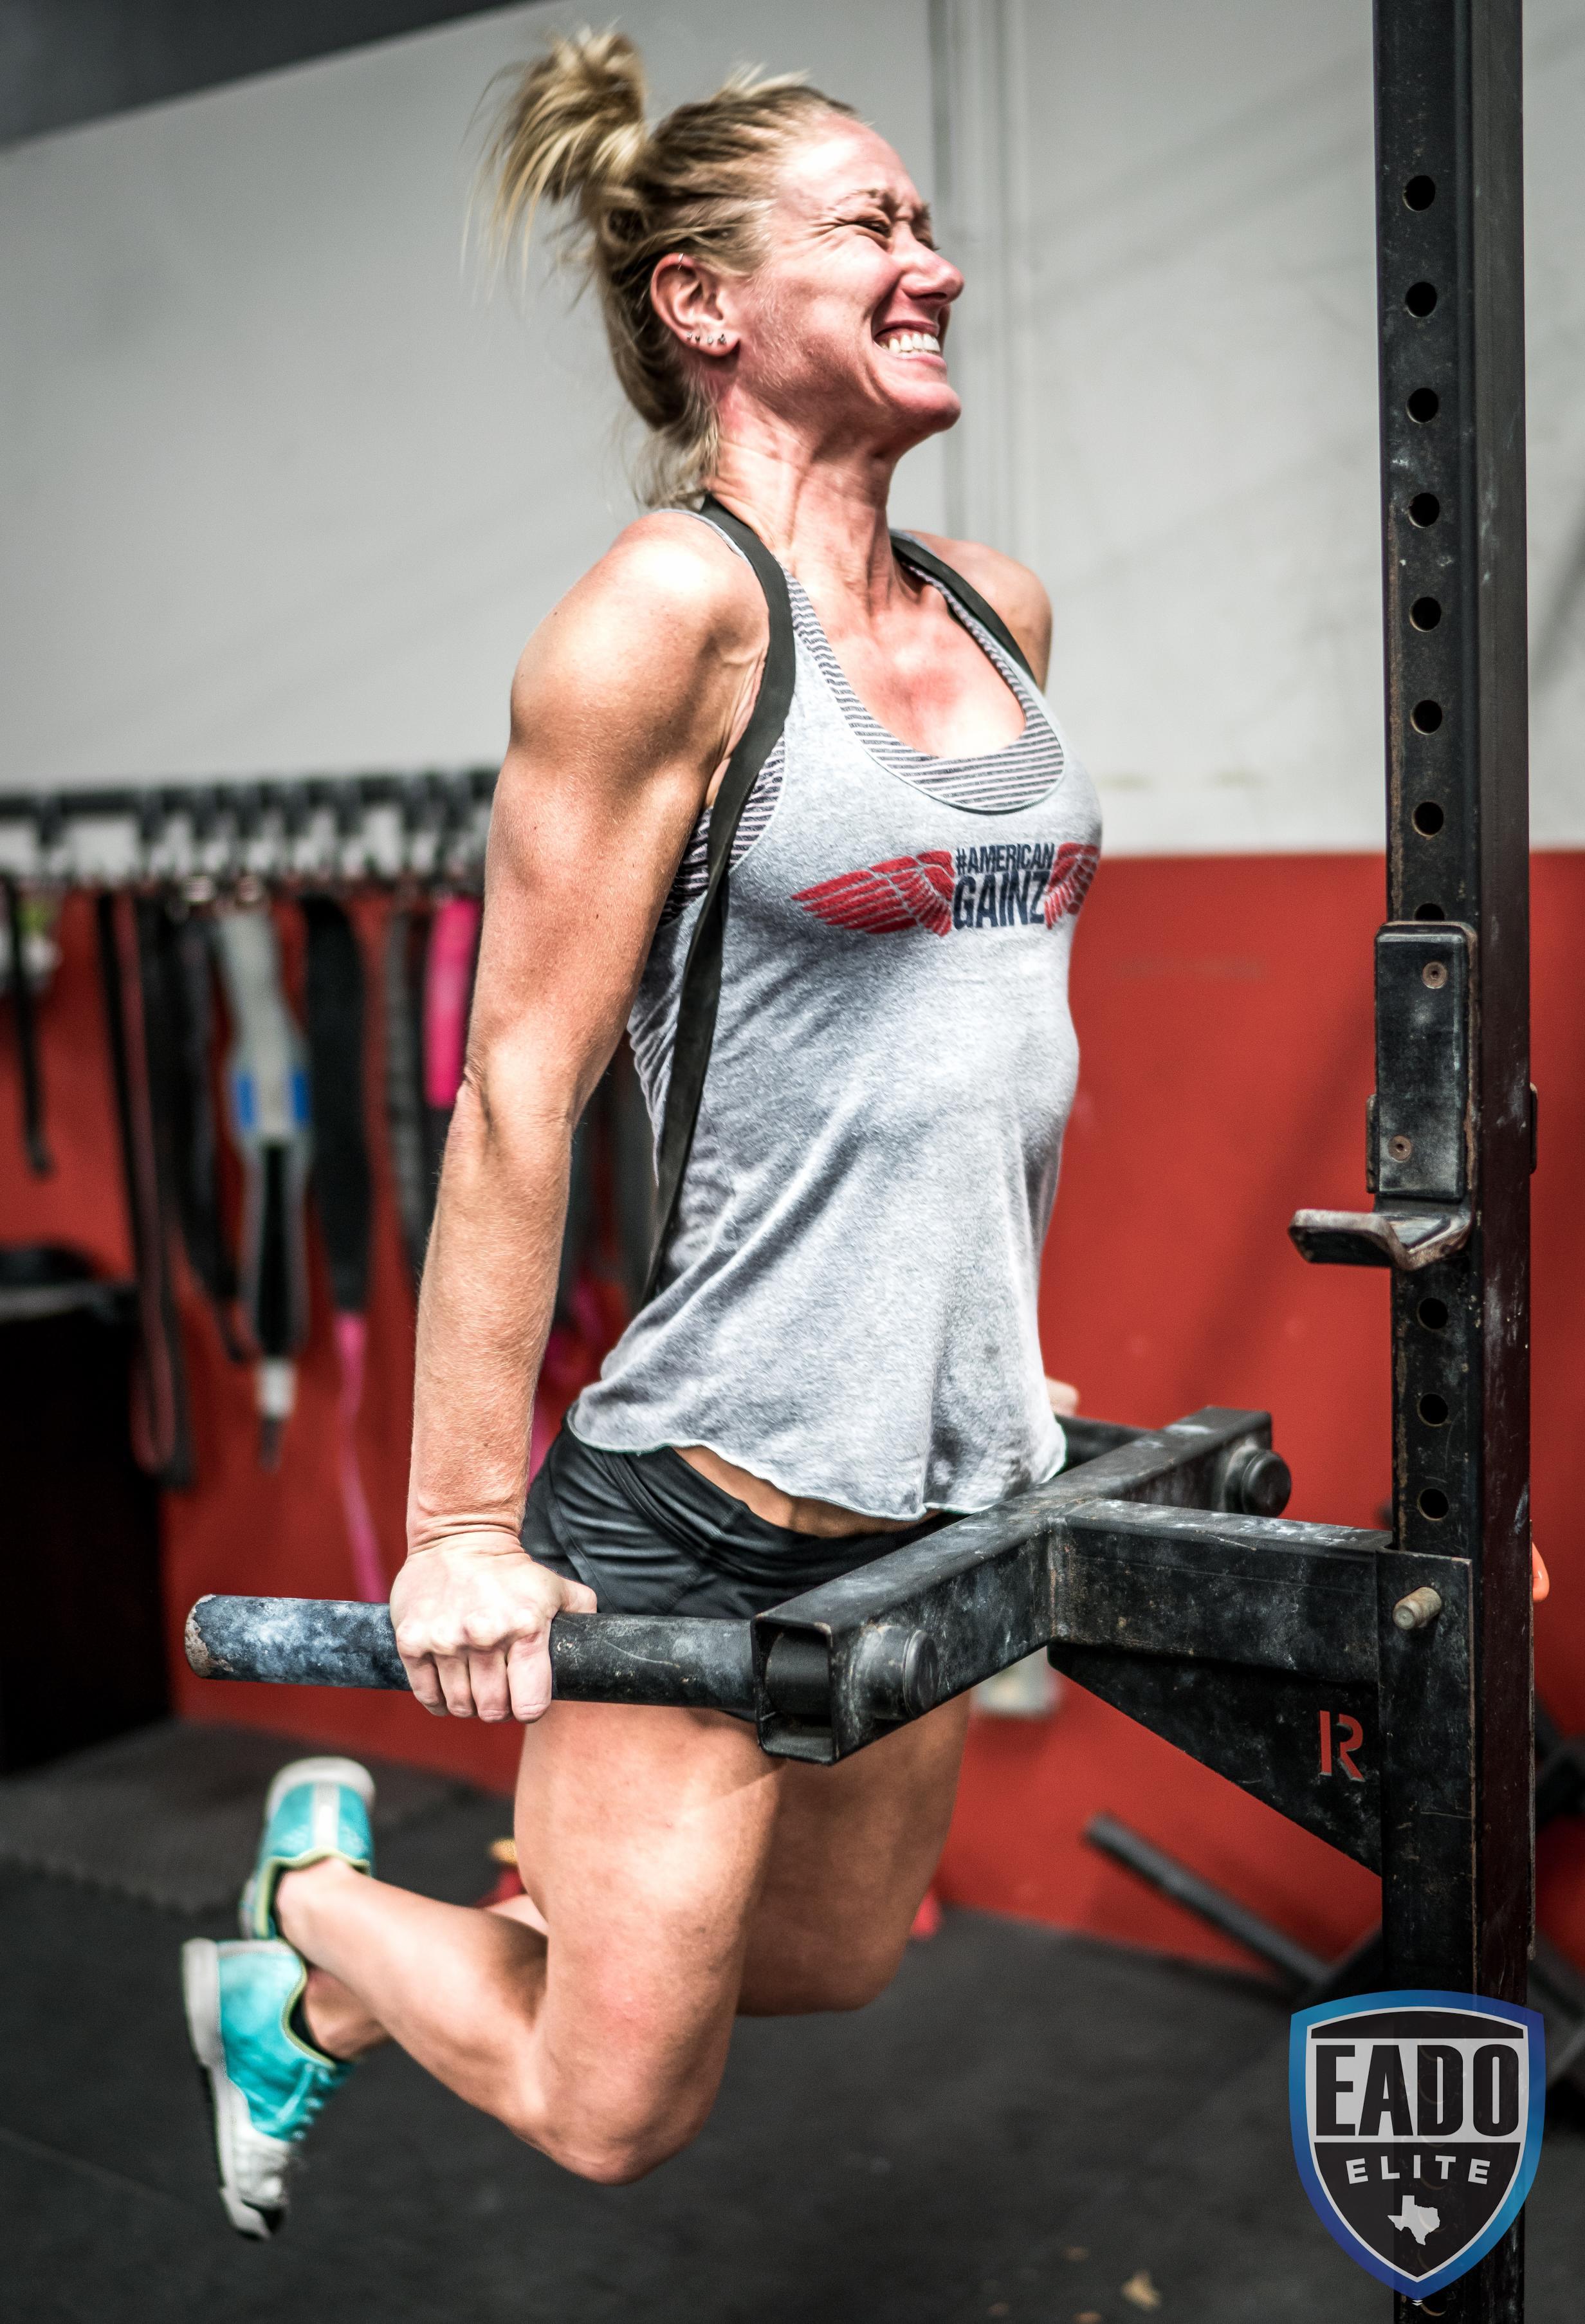 EaDo Elite Athlete Julie Felts doing weighted dips  Photo Credit:  Sierra Prime